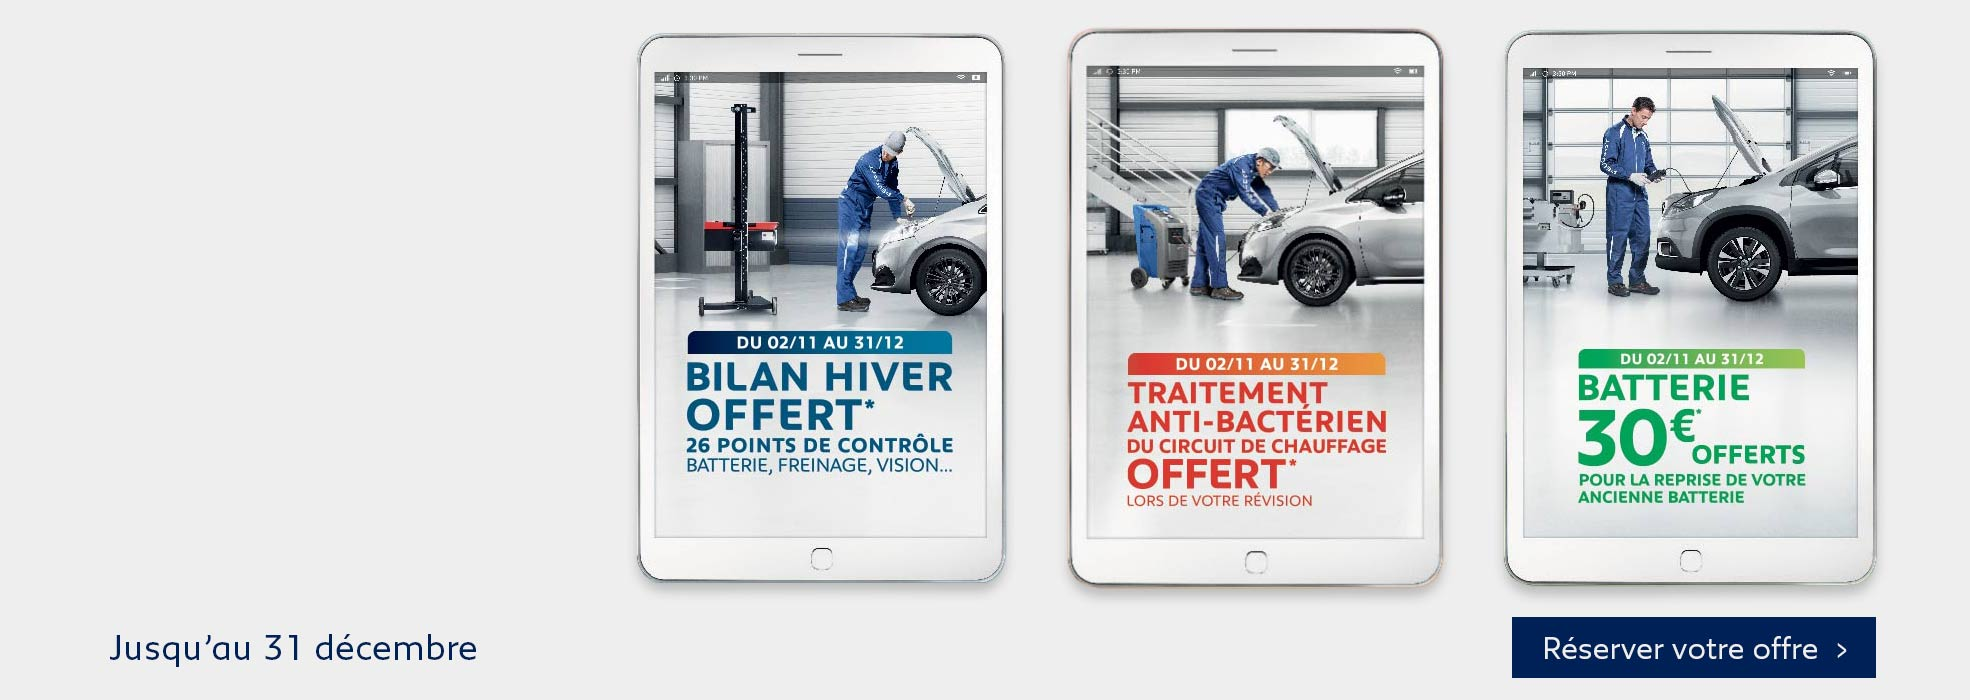 Promotion Atelier Peugeot